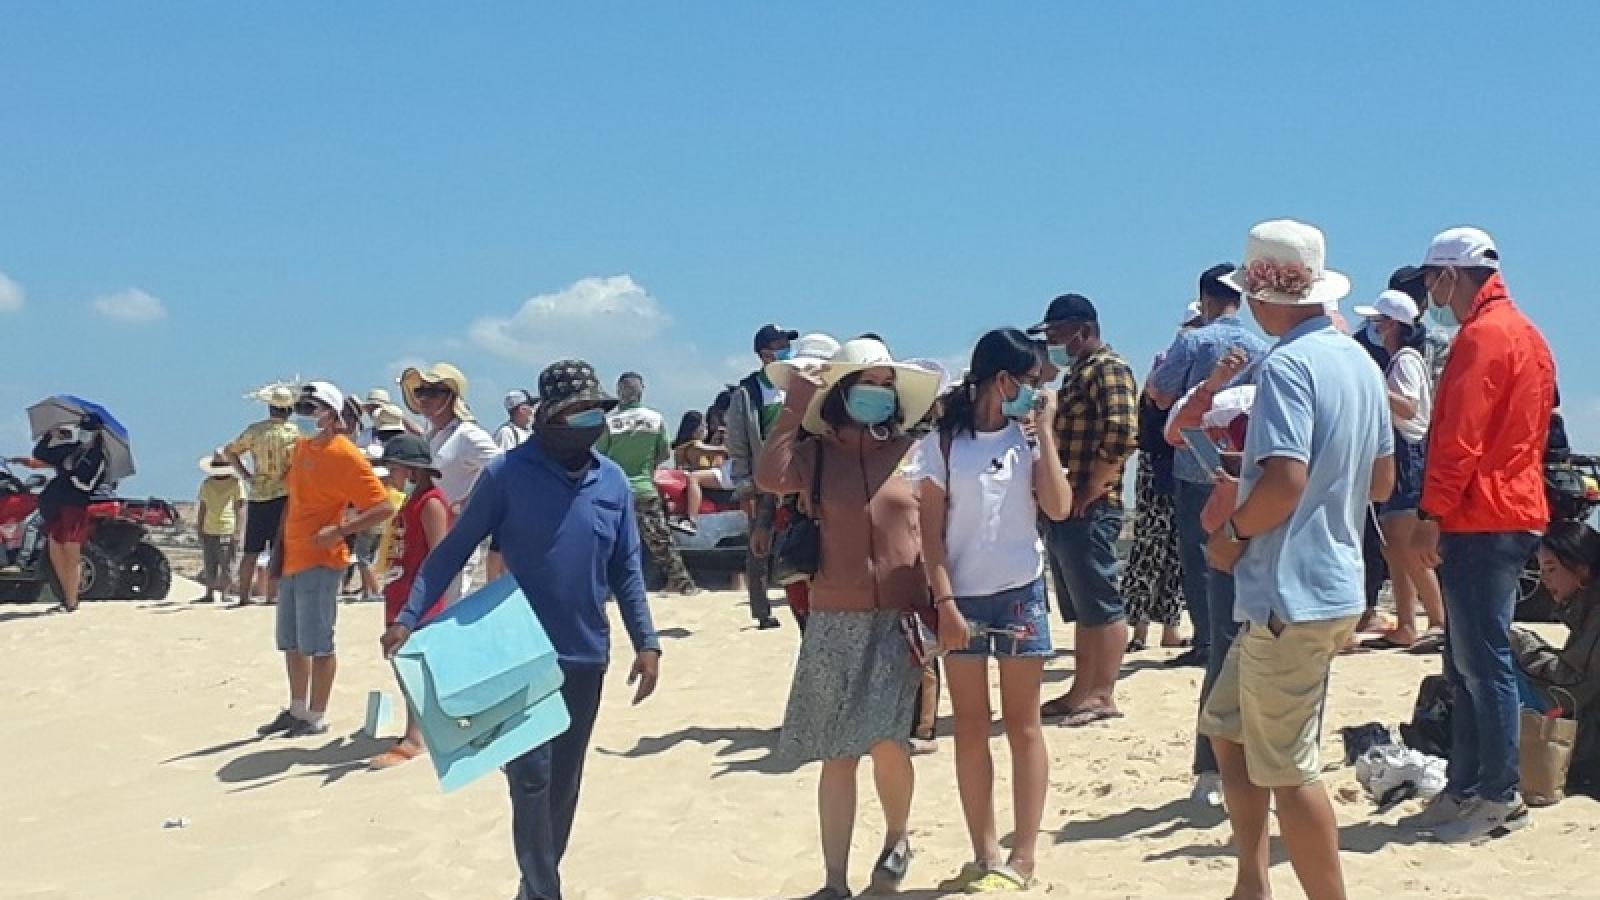 Bình Thuận cấm tổ chức tiệc cưới, liên hoan để phòng,chống dịchCOVID-19